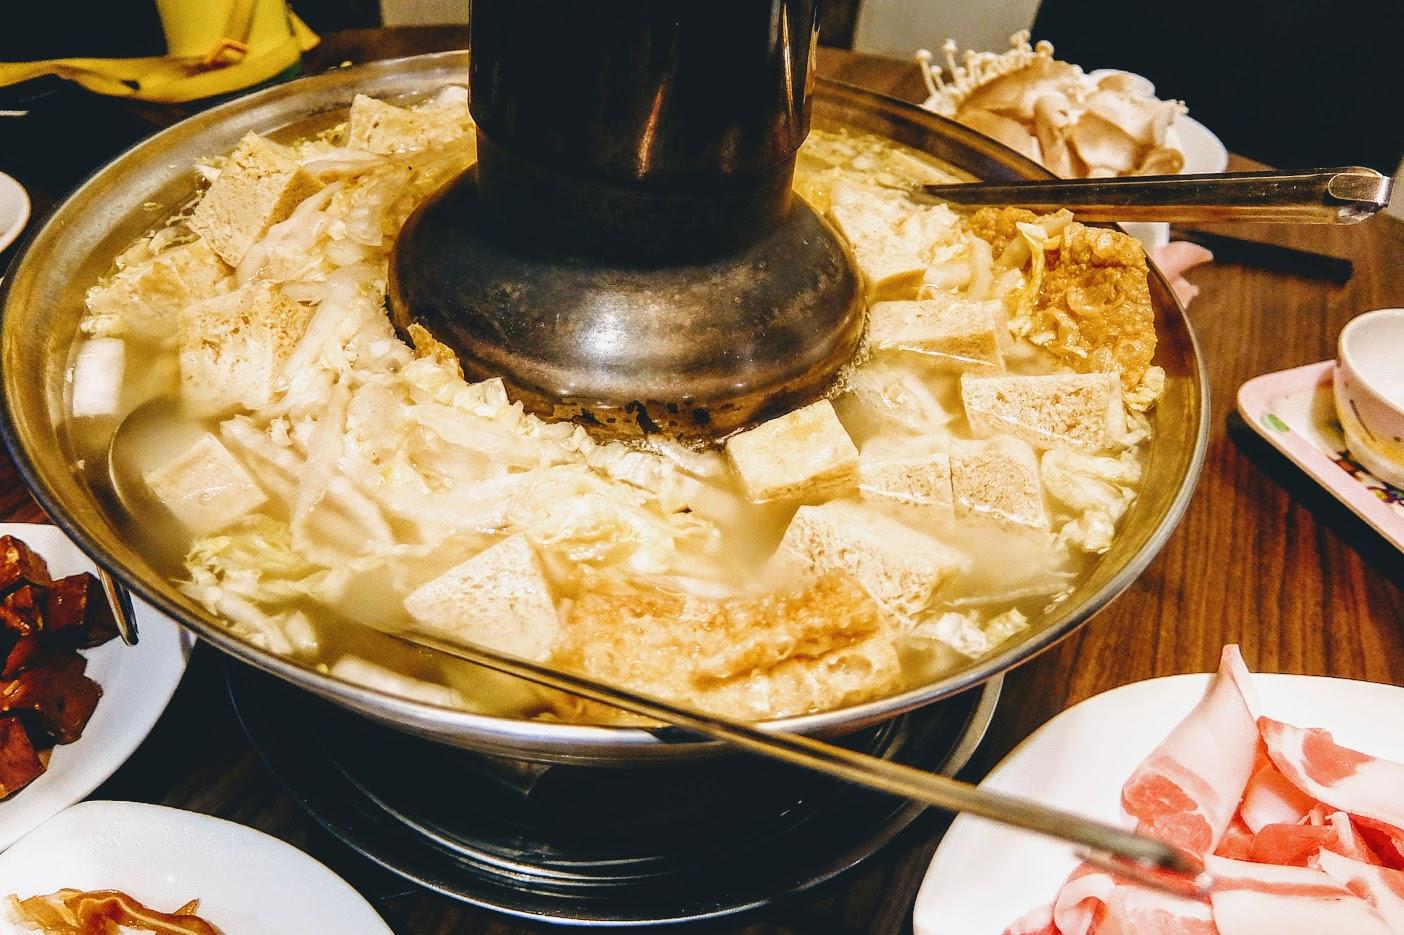 預設的鍋,看起來頗澎湃的